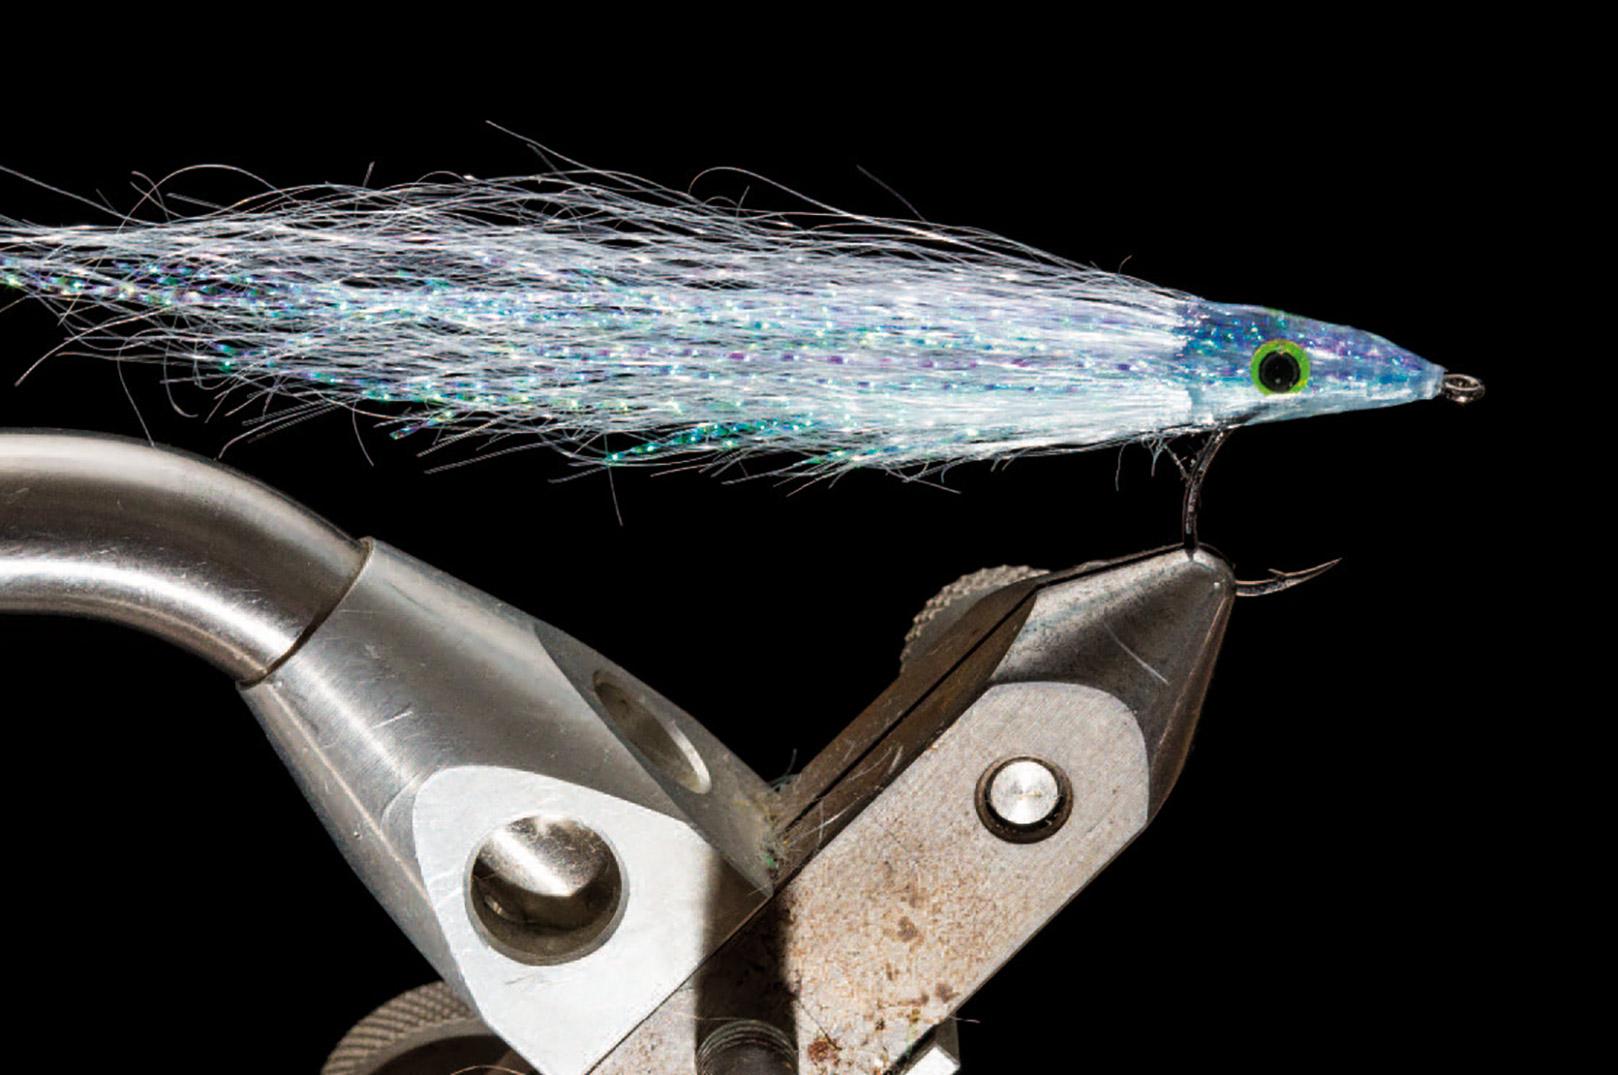 6. Monter et par øjne og dæk hovedet i UV-lim eller epoxy. Forsøg at få en høj og smal profil på fluen – og gå gerne en bid bag krogbøjningen med limen. Det medvirker langt færre ophægtninger af vingen og derved en mere effektiv fisketid. Klip fluen til i den ønskede form og amputer de flashstrå, som ikke vil rette ind med resten af vingen.